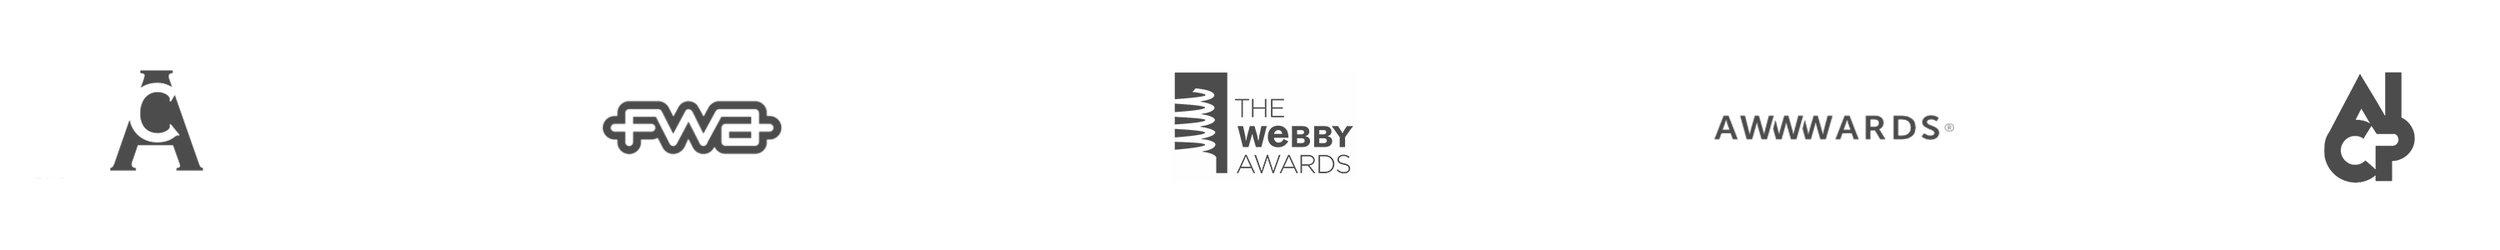 Awards_SquareSpace_Destiny.jpg